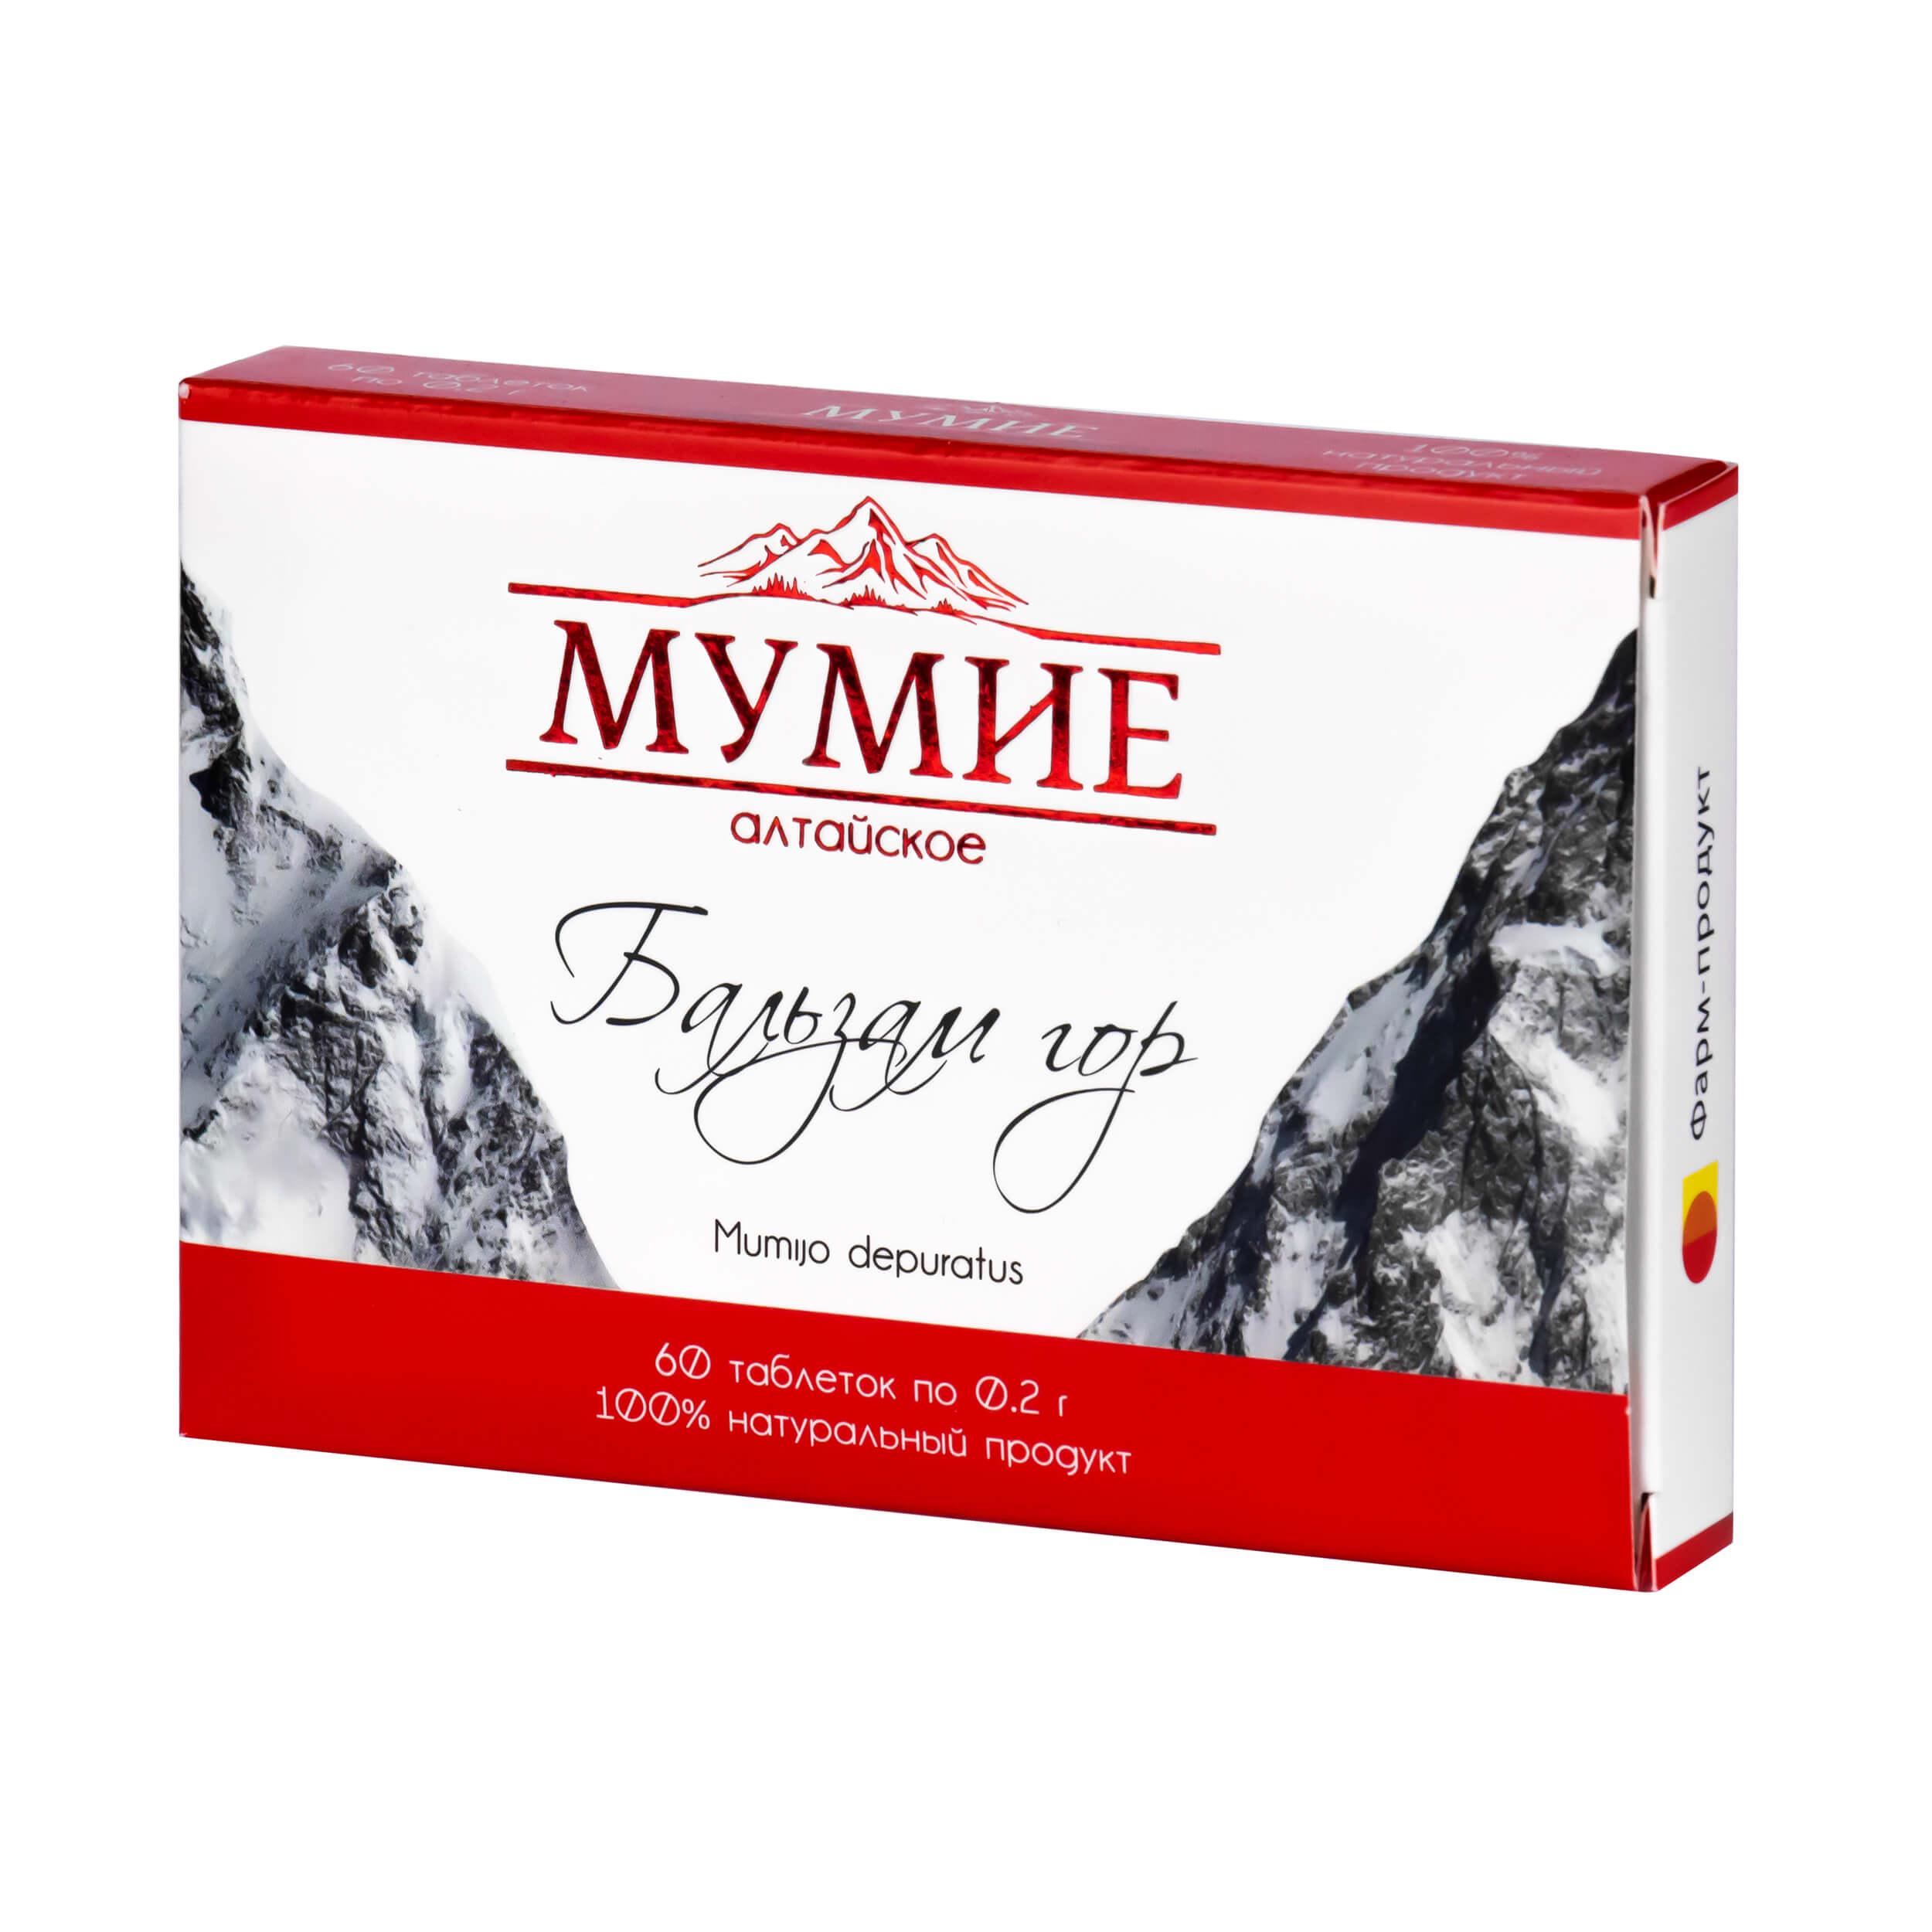 Мумие алтайское Бальзам гор (60 таблеток) фото